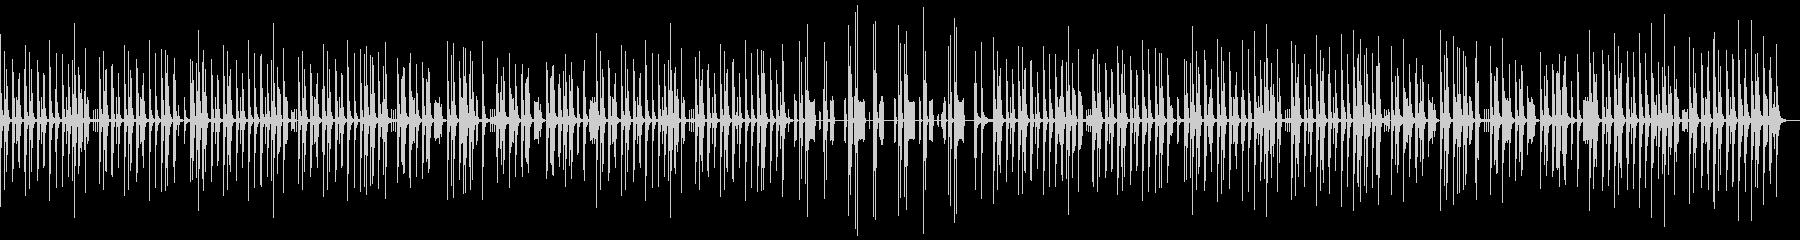 ほのぼのした雰囲気のBGM2の未再生の波形